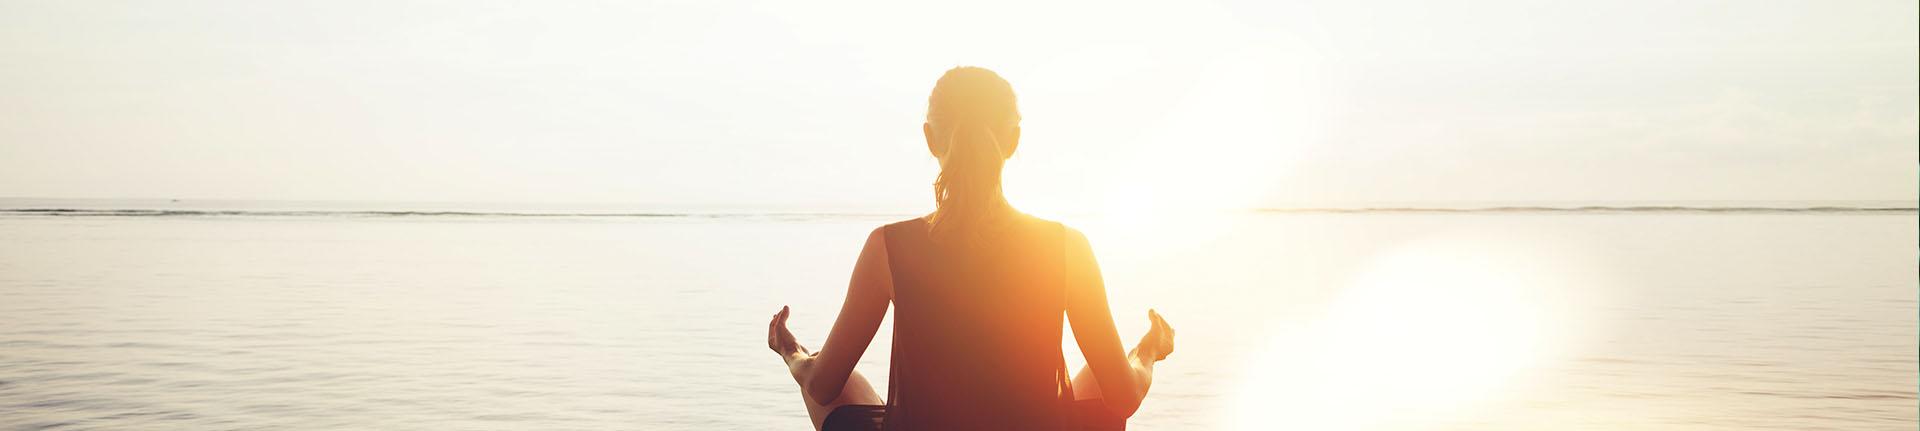 Longevidade: alcançando-a através da simplicidade